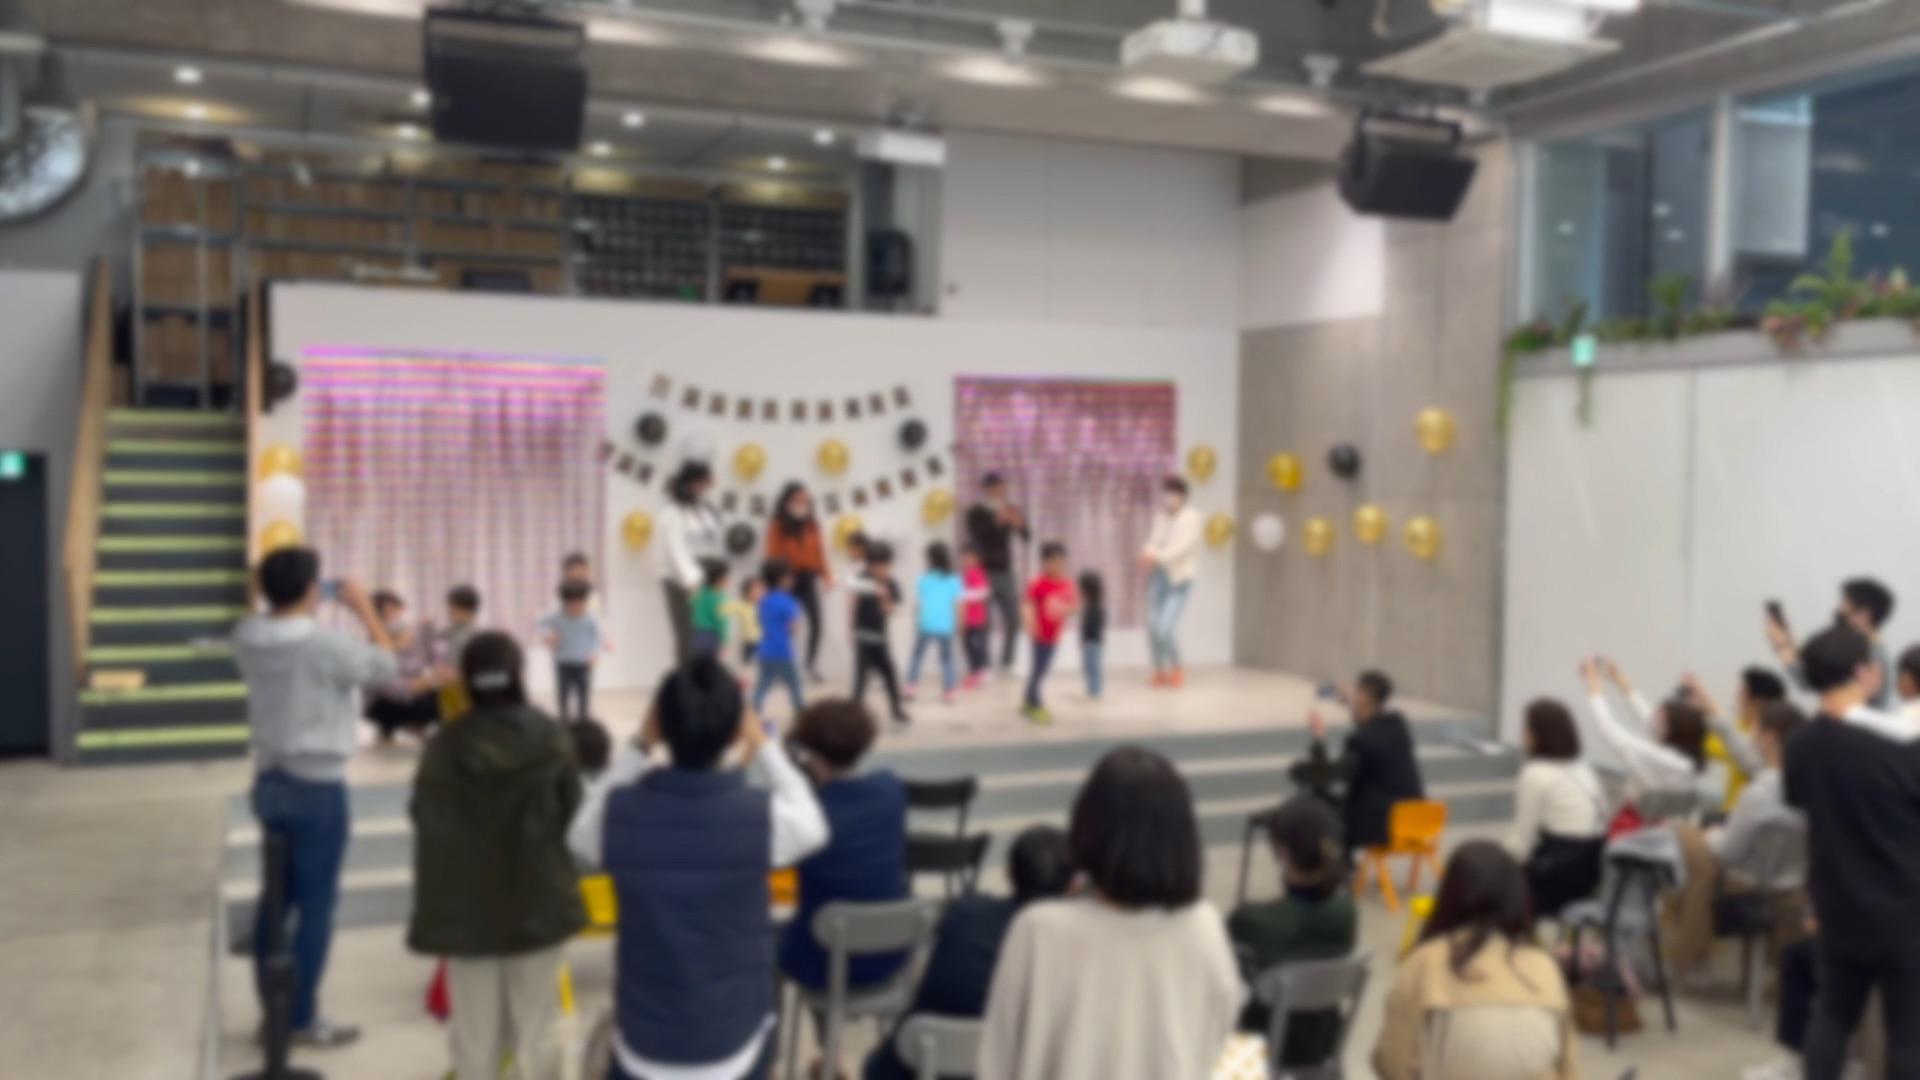 音楽に合わせて踊る子供たち TJ International school Graduation party event マジシャンのマジックショー